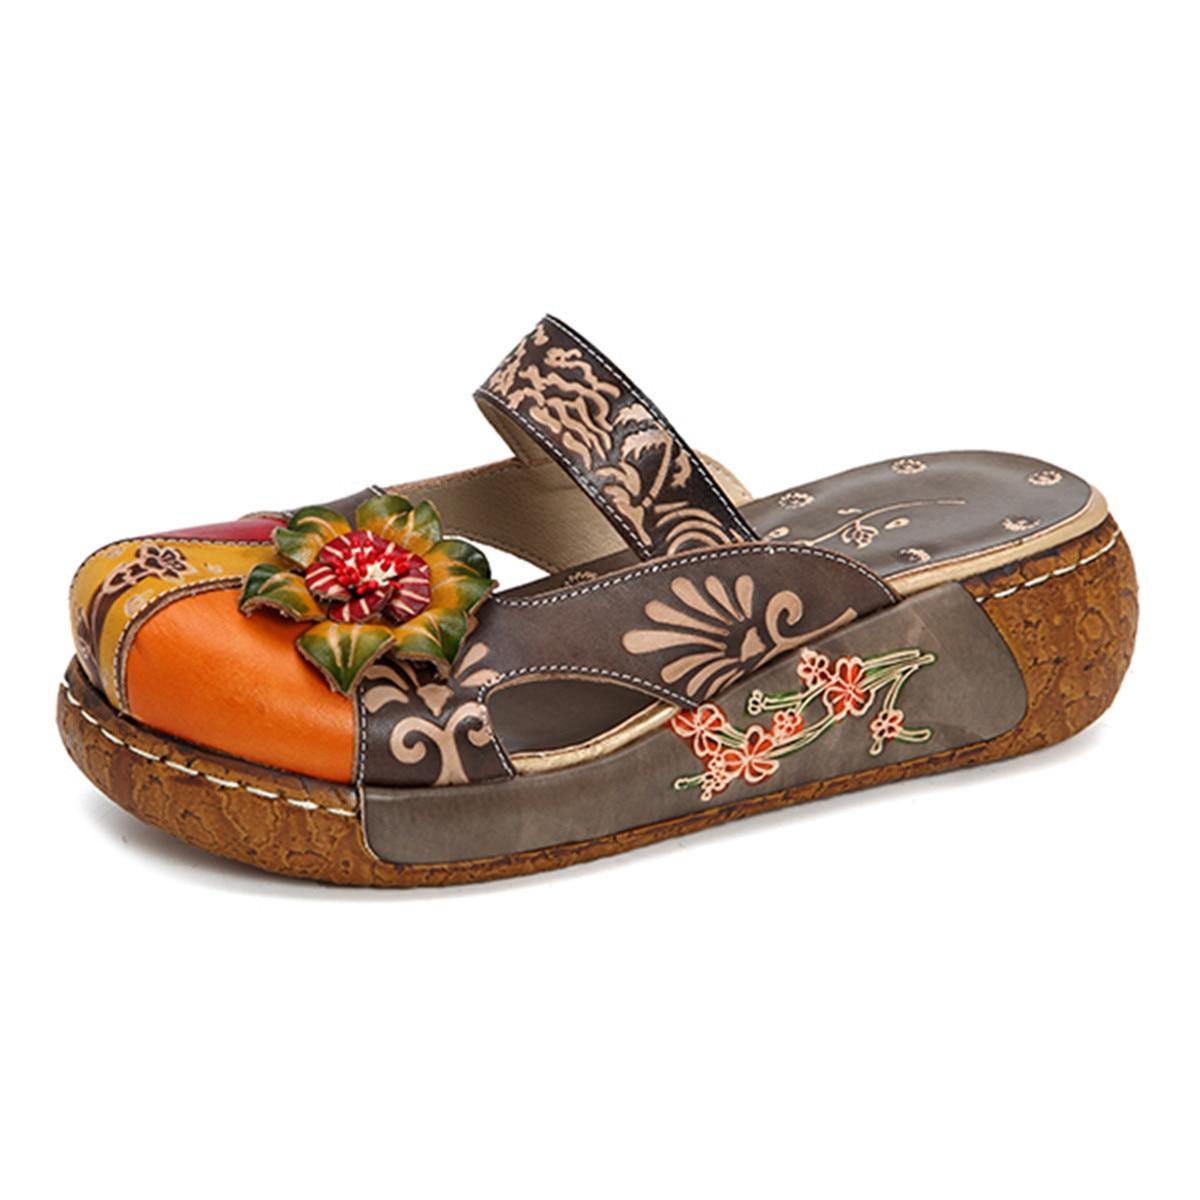 Beliebte Marke Johnature Retro Appliques Sandalen 2019 Neue Echtem Leder Frauen Sommer Damen Schuhe Frau Blume Böhmen Sandalen Gesundheit Effektiv StäRken